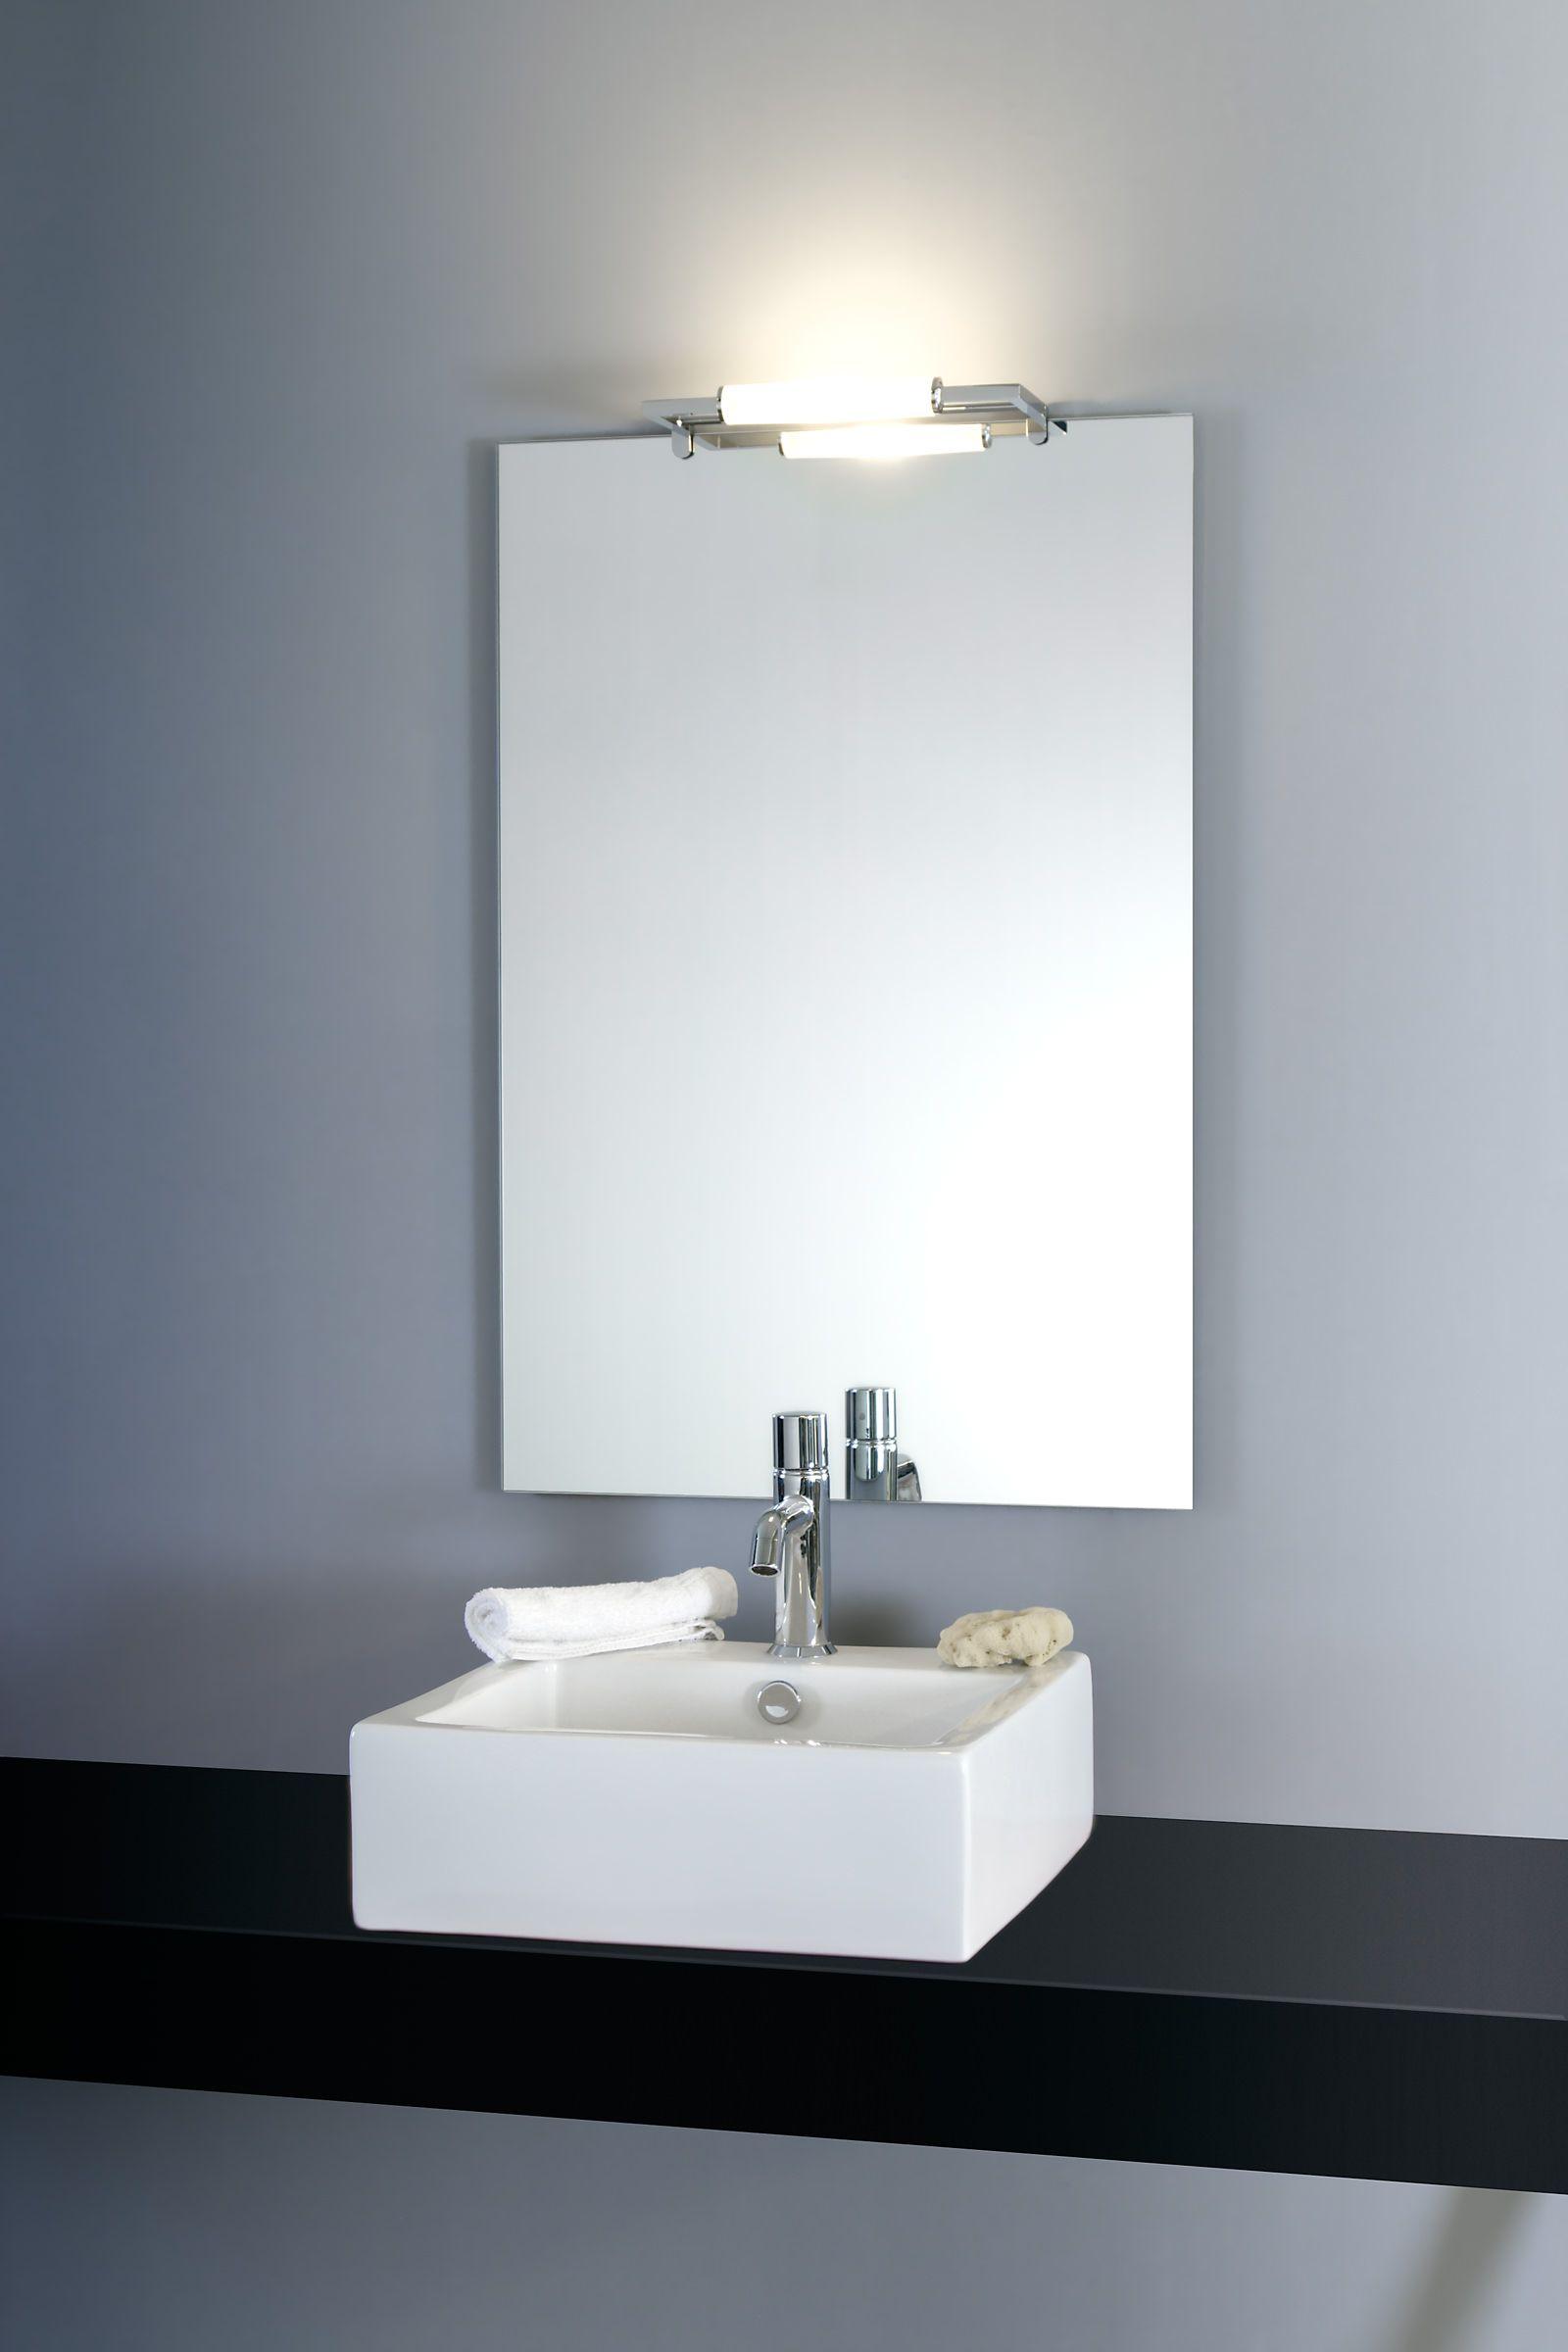 Designer Spiegelleuchte Spirit Clip Kristallspiegel Badezimmerspiegel Badezimmer Spiegelschrank Mit Beleuchtung Spiegelschrank Beleuchtung